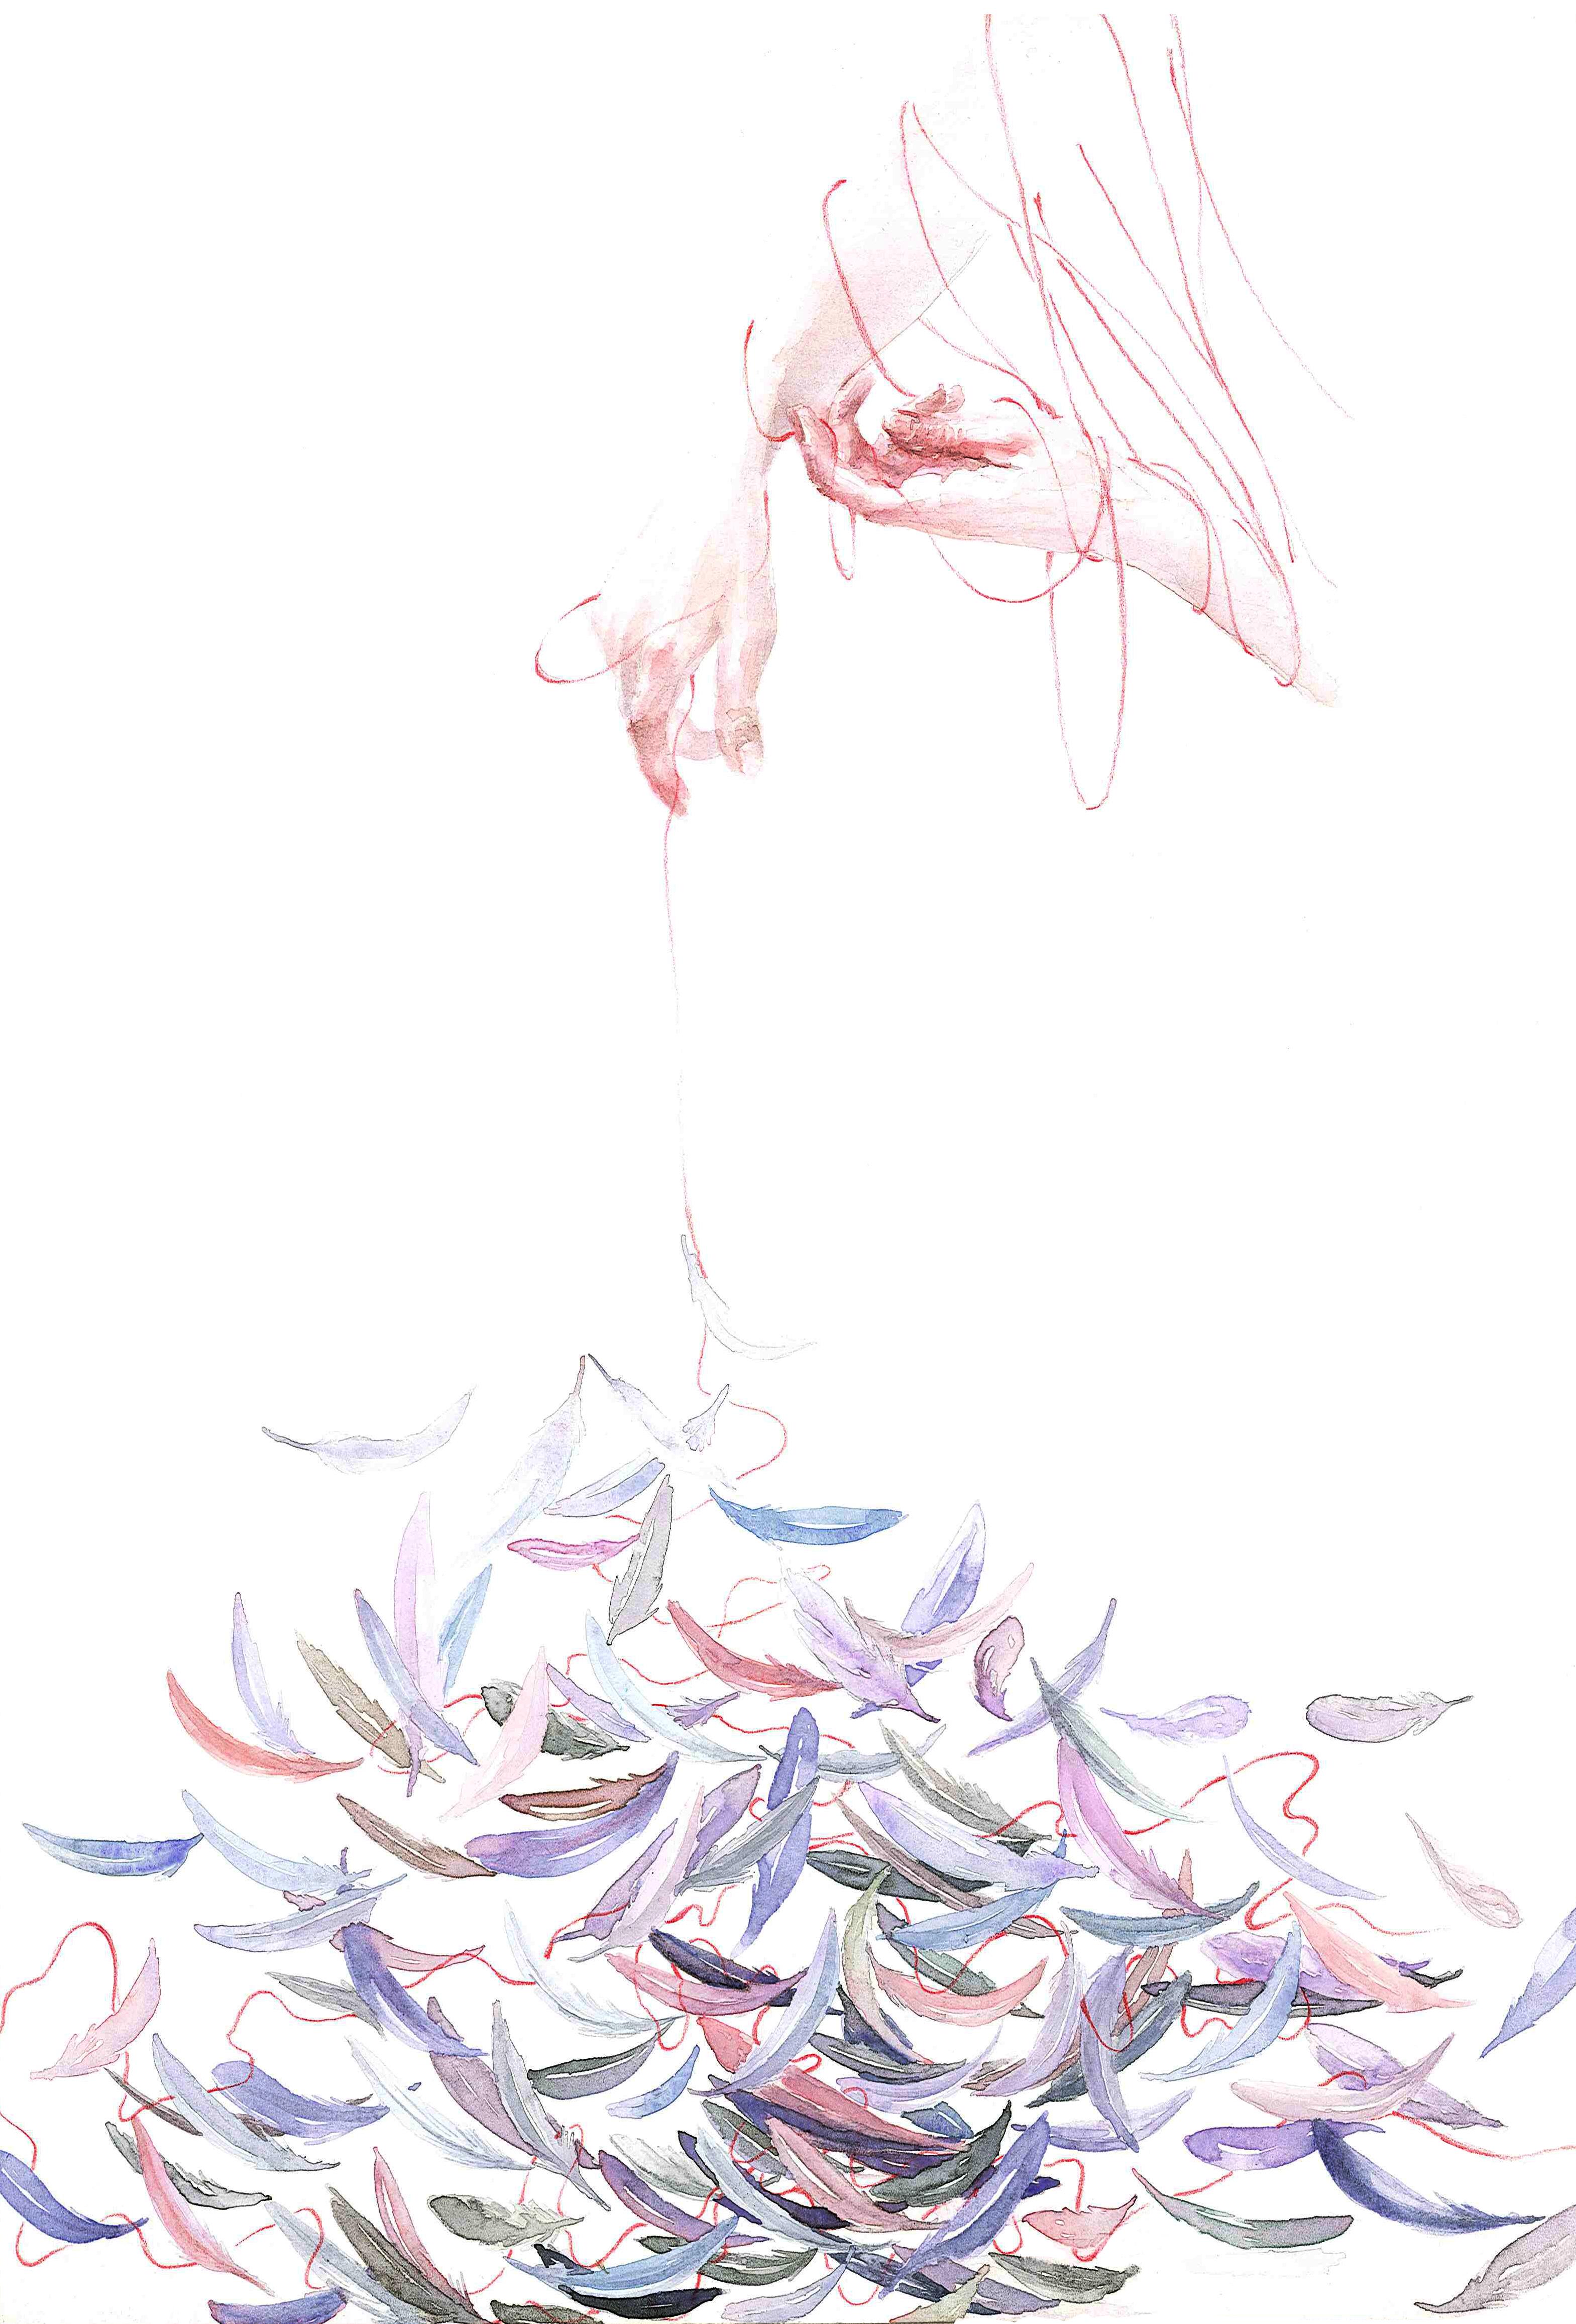 国画 简笔画 手绘 线稿 3138_4627 竖版 竖屏